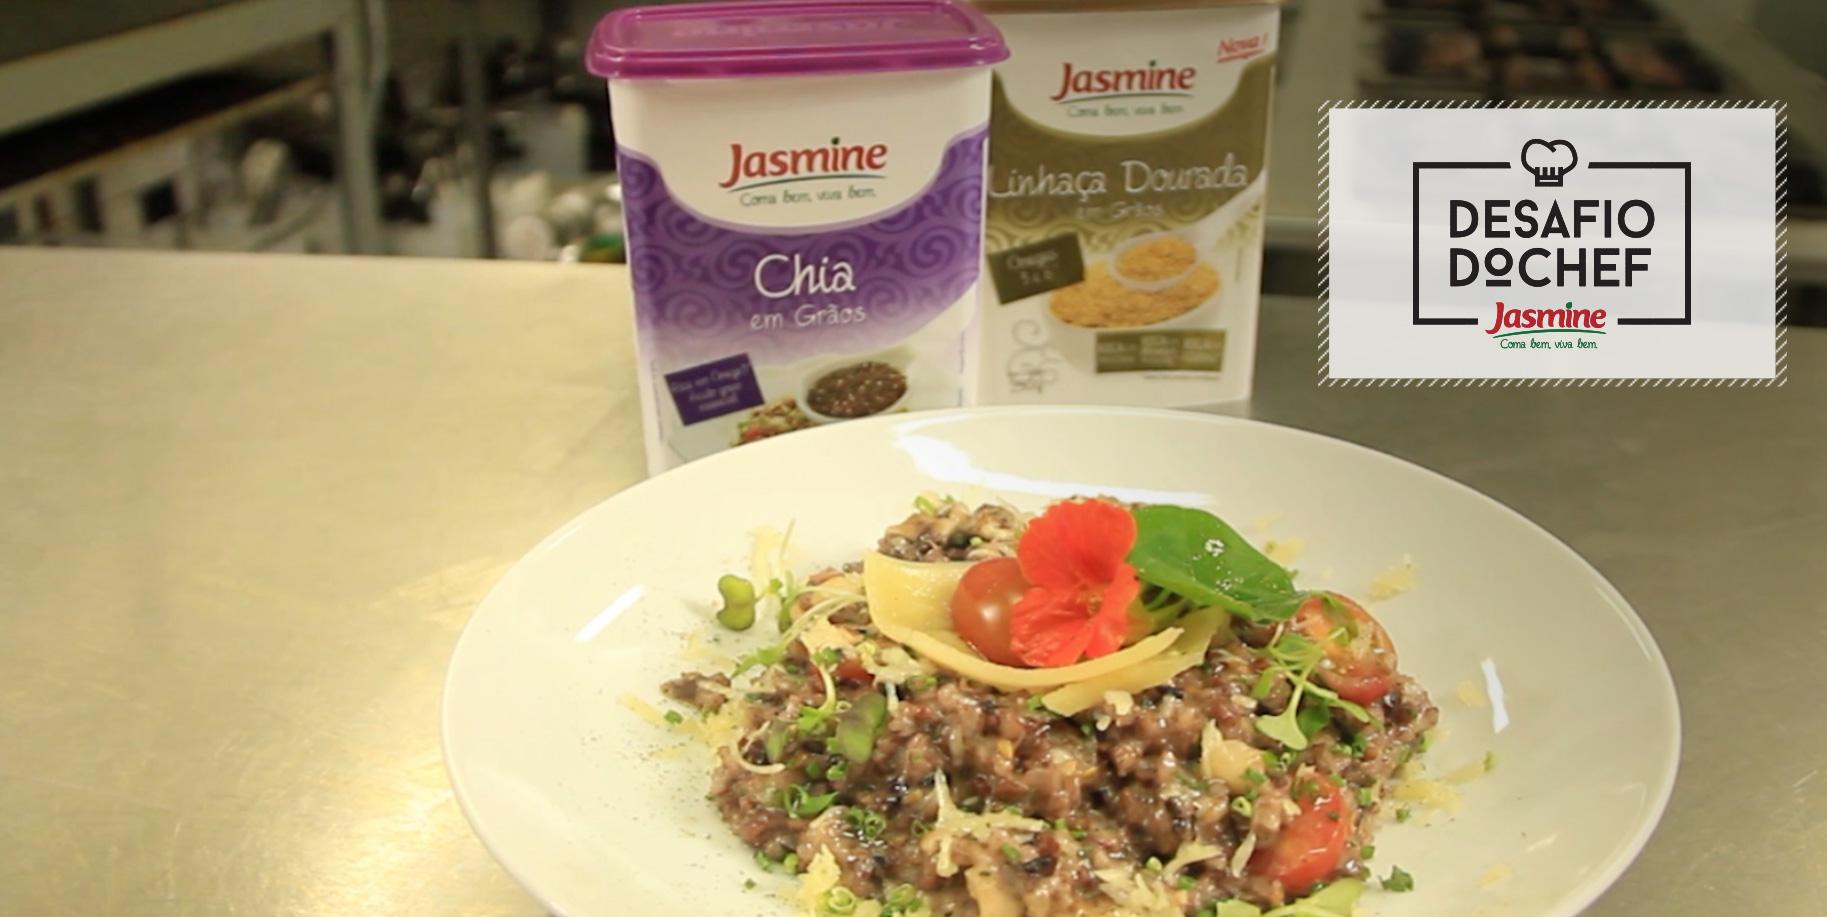 Desafio do Chef Jasmine com Vania Krekniski